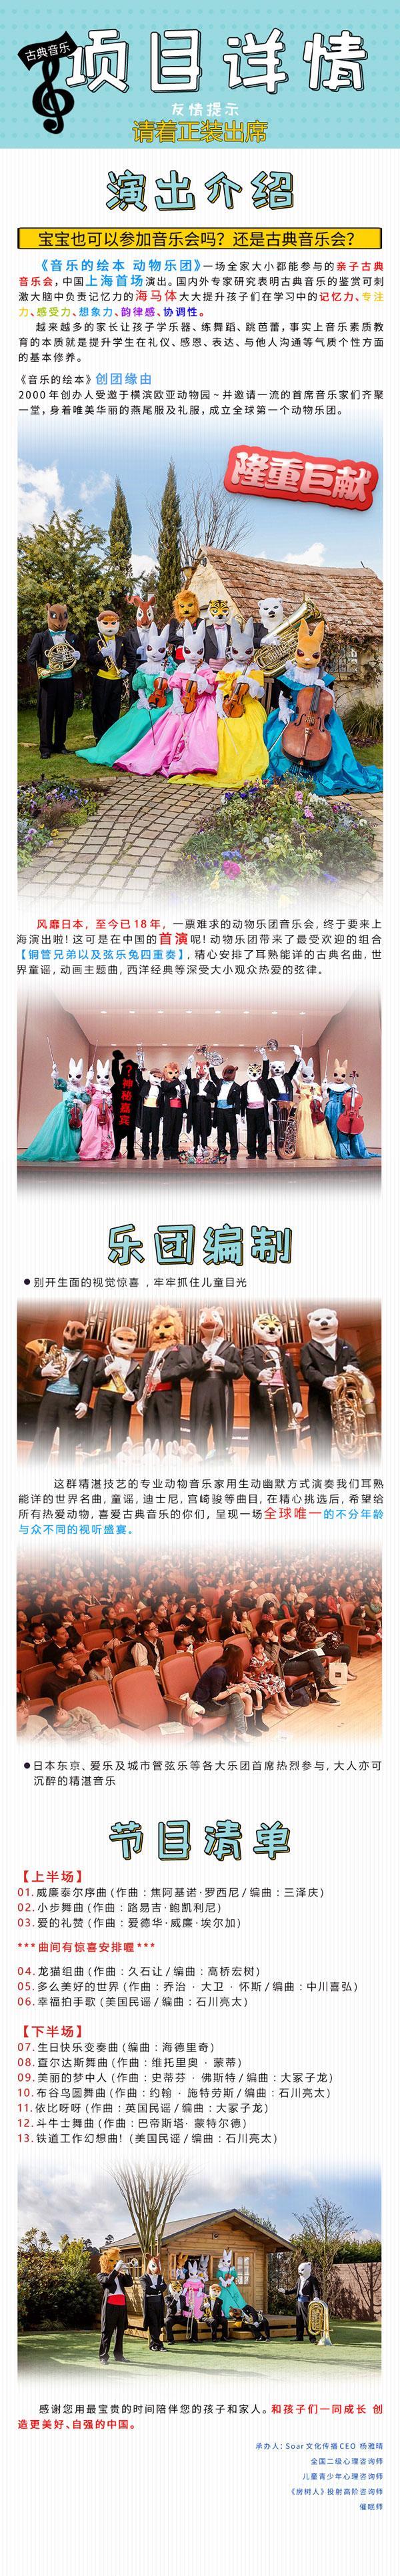 【上海站】《音乐的绘本》动物乐团嘉年华 亲子古典音乐会